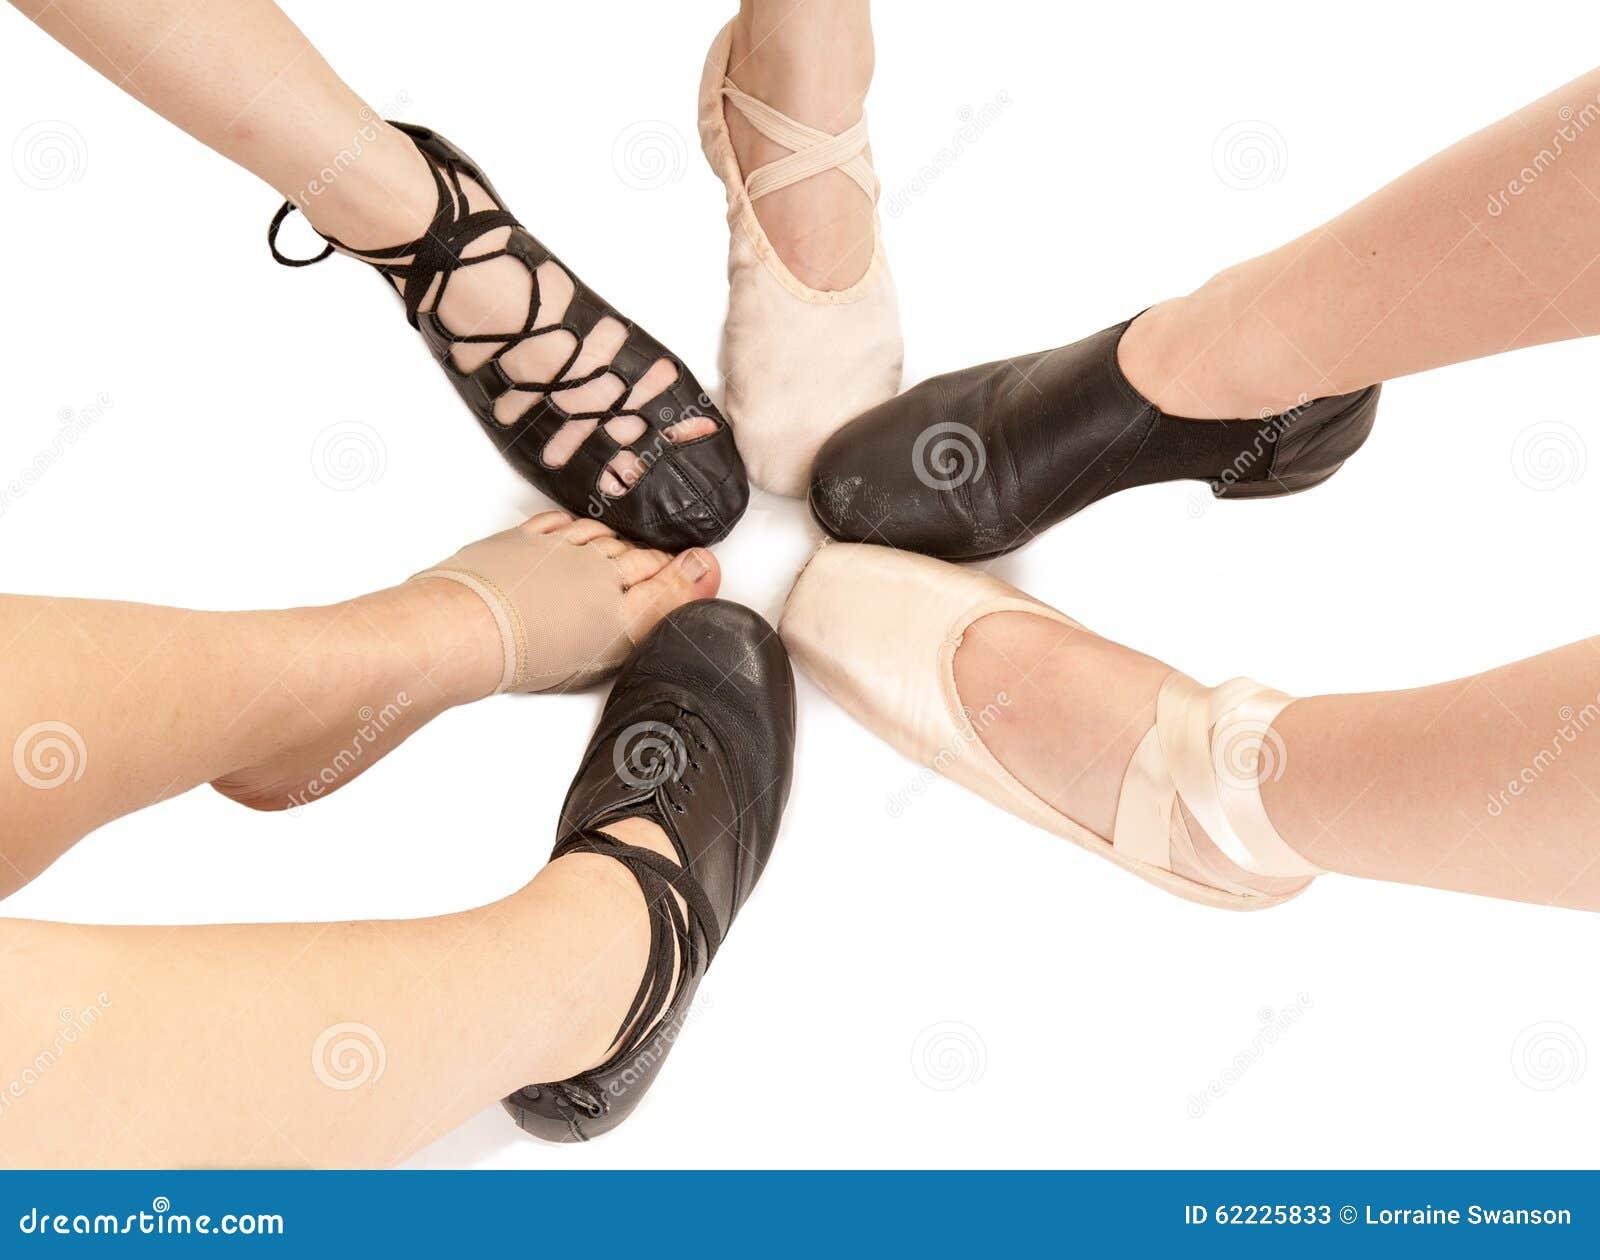 女性舞蹈脚用不同的鞋子